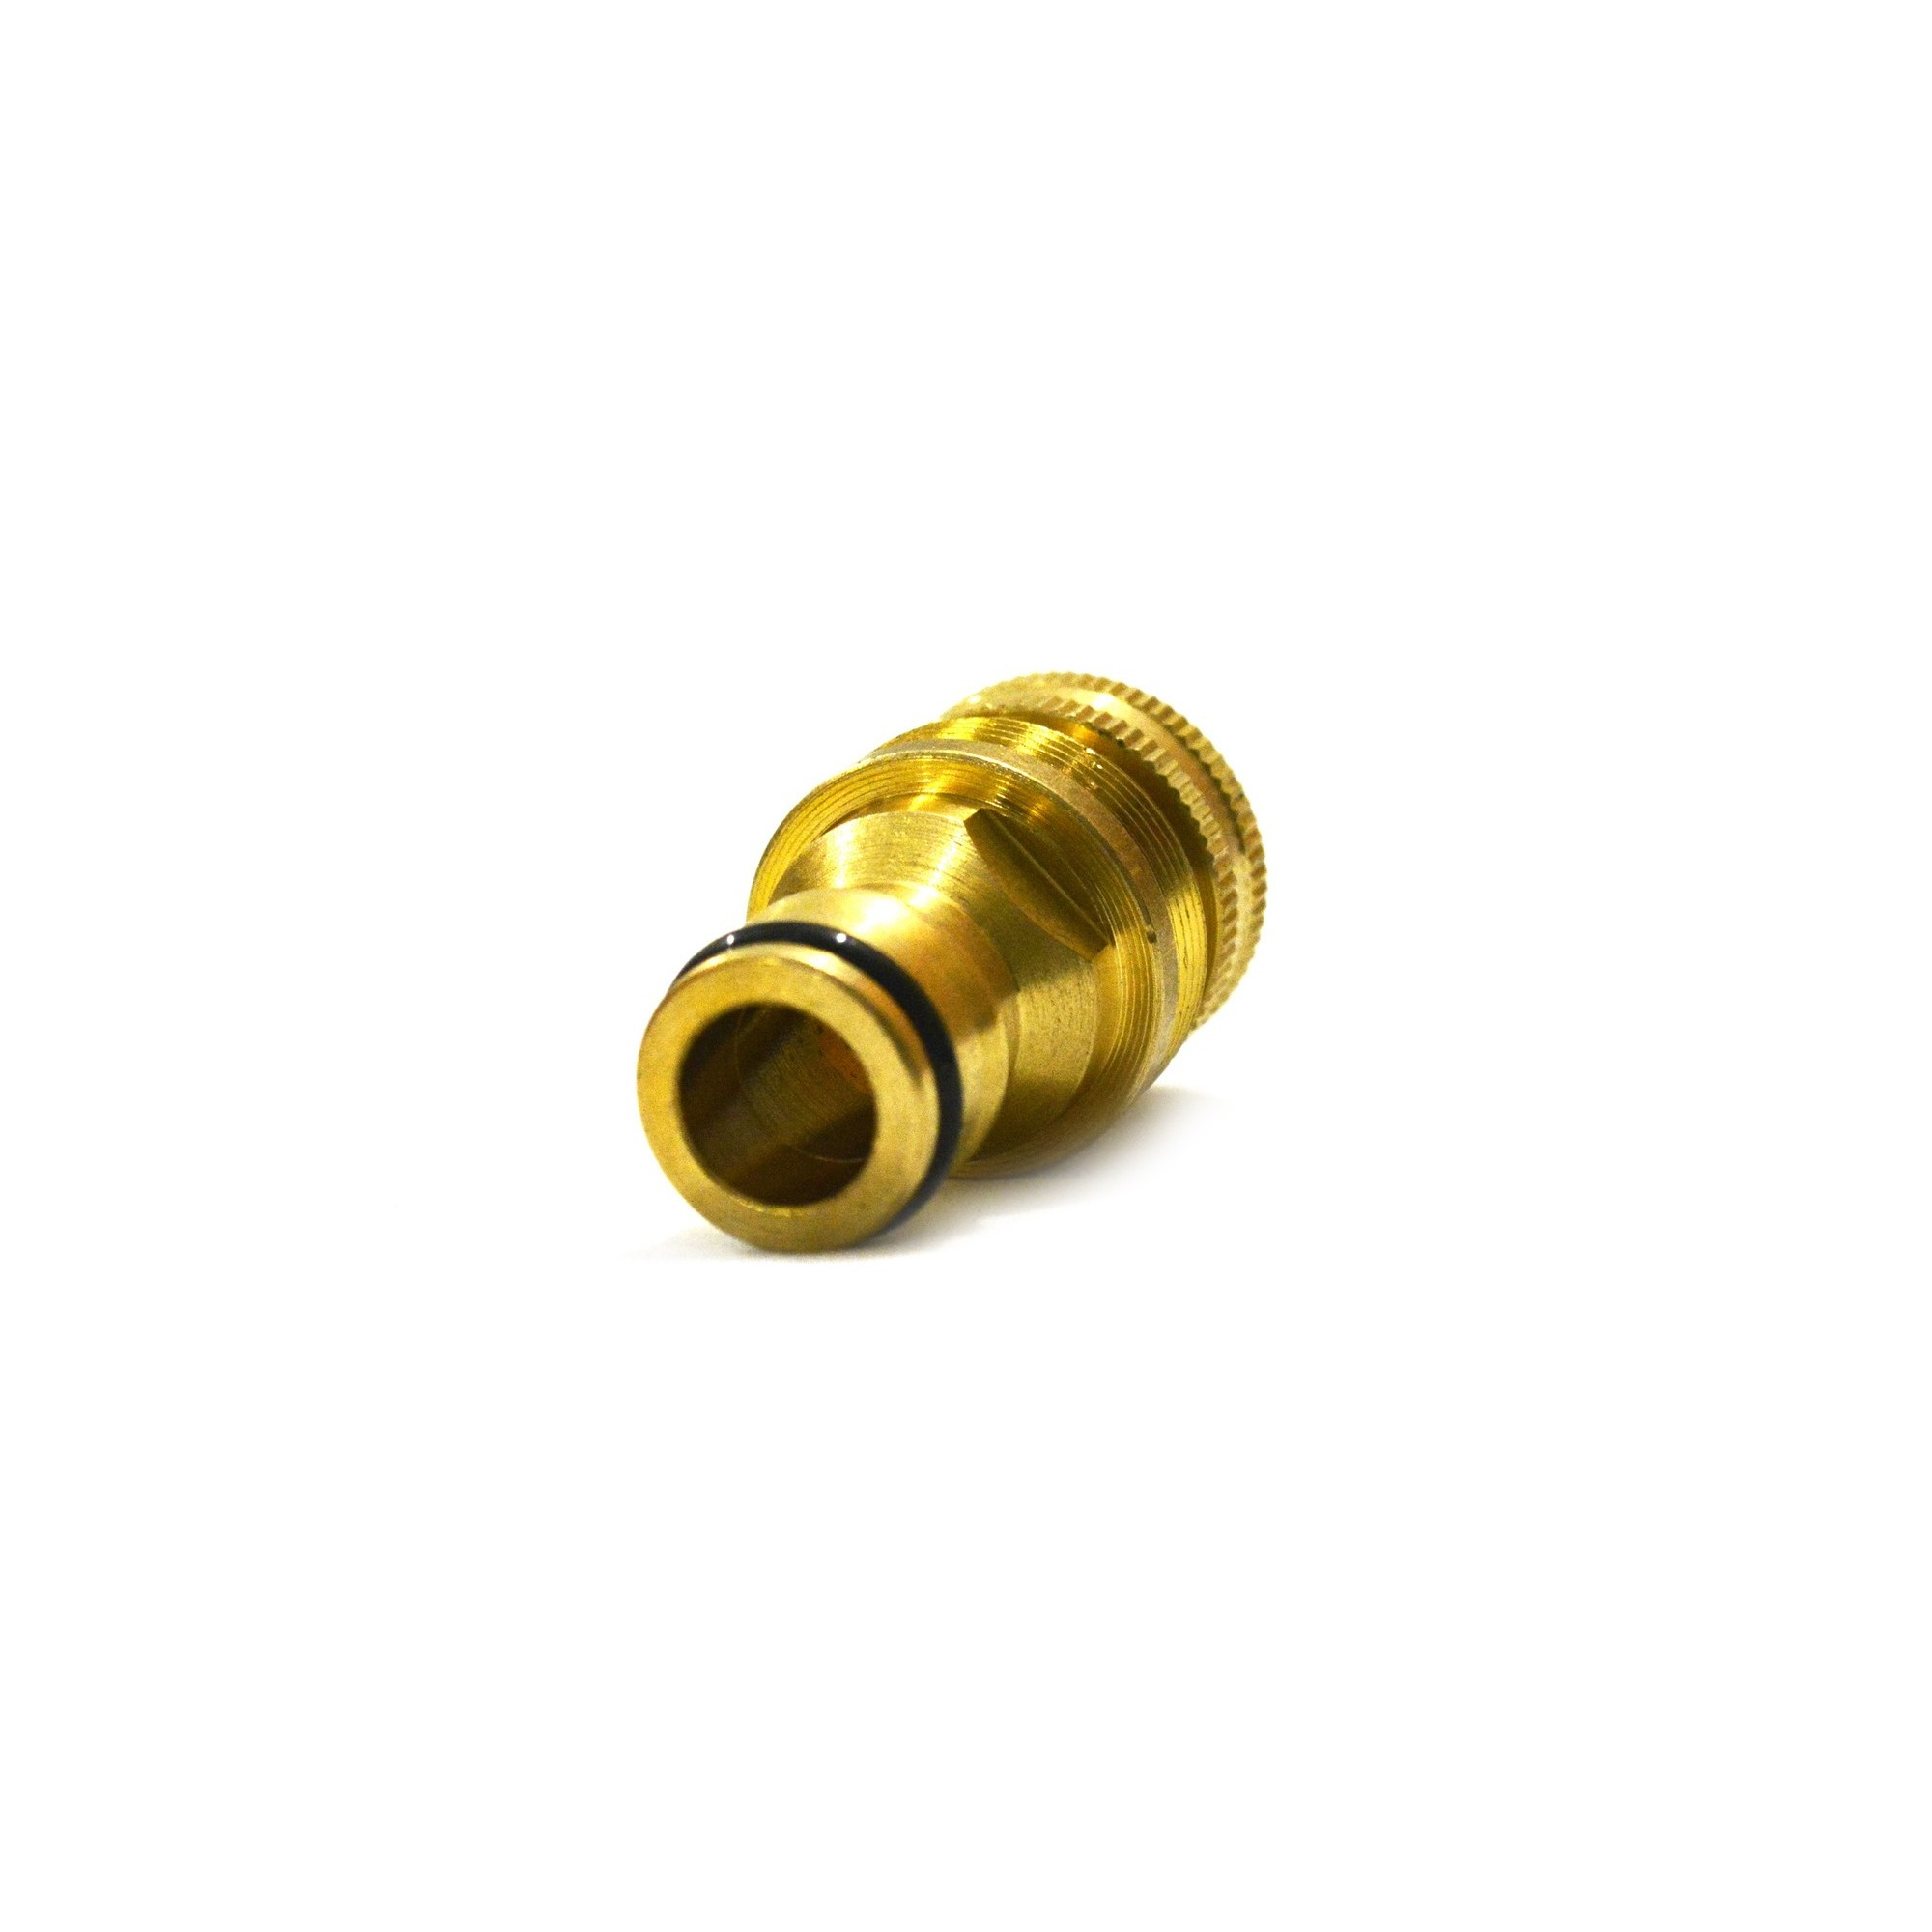 Адаптер универсальный М22вн*1/2вн латунь QC-08  - 1